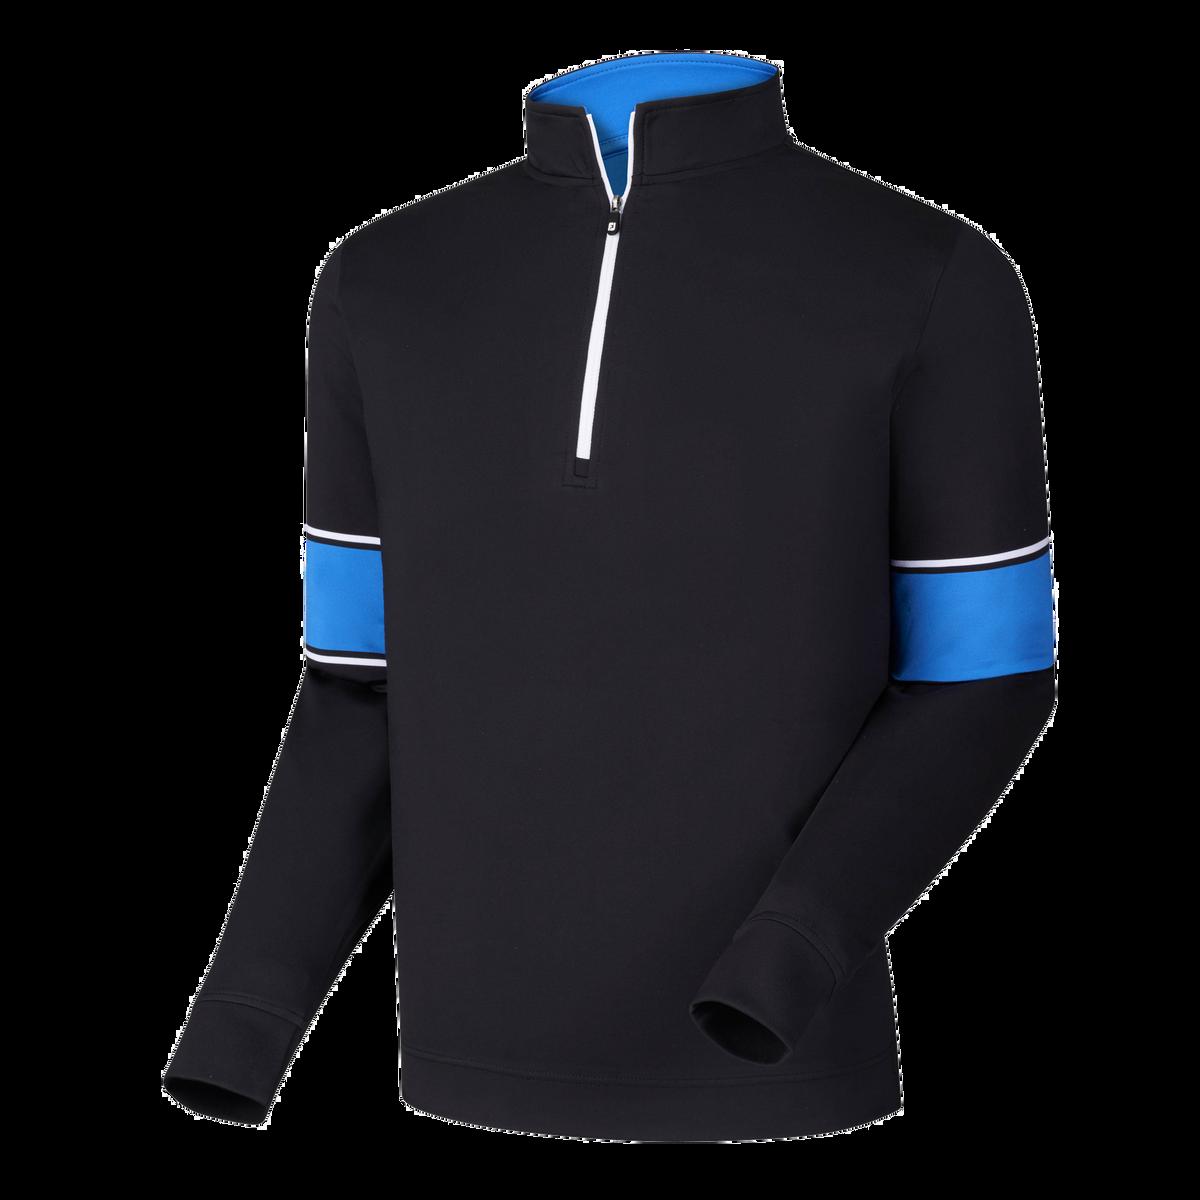 Performance Half-Zip + Engineered Sleeves-Previous Season Style